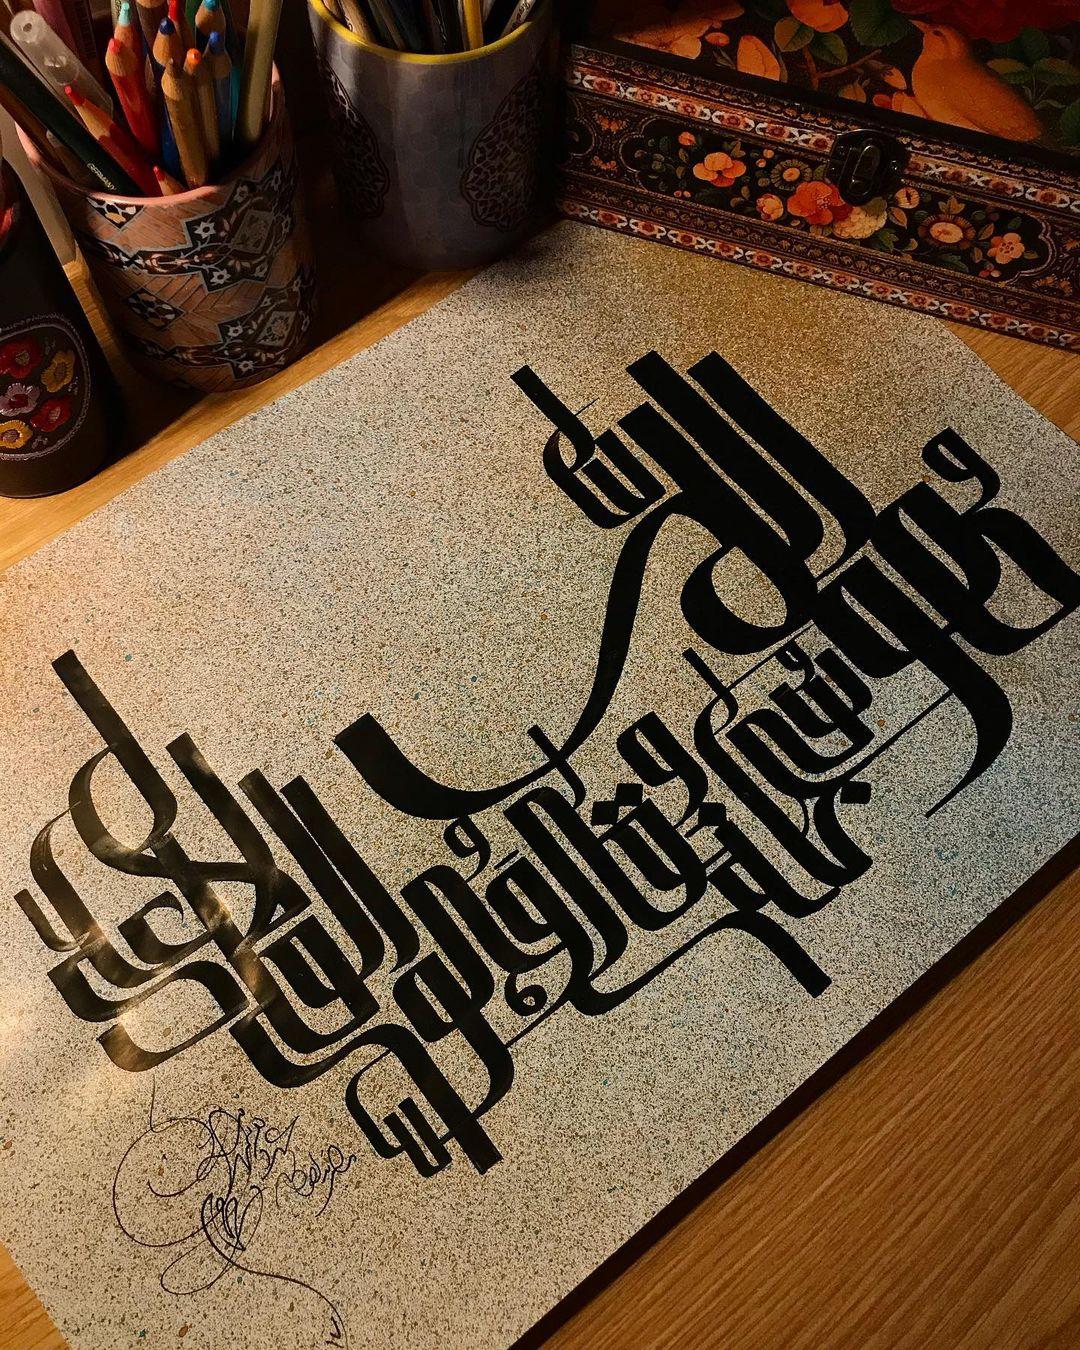 Karya Kaligrafi  یک روزهایی هستند که در آنها ساعاتی وجود دارد، که هر یکساعتش به تنهایی به انداز…- Ne Javaher